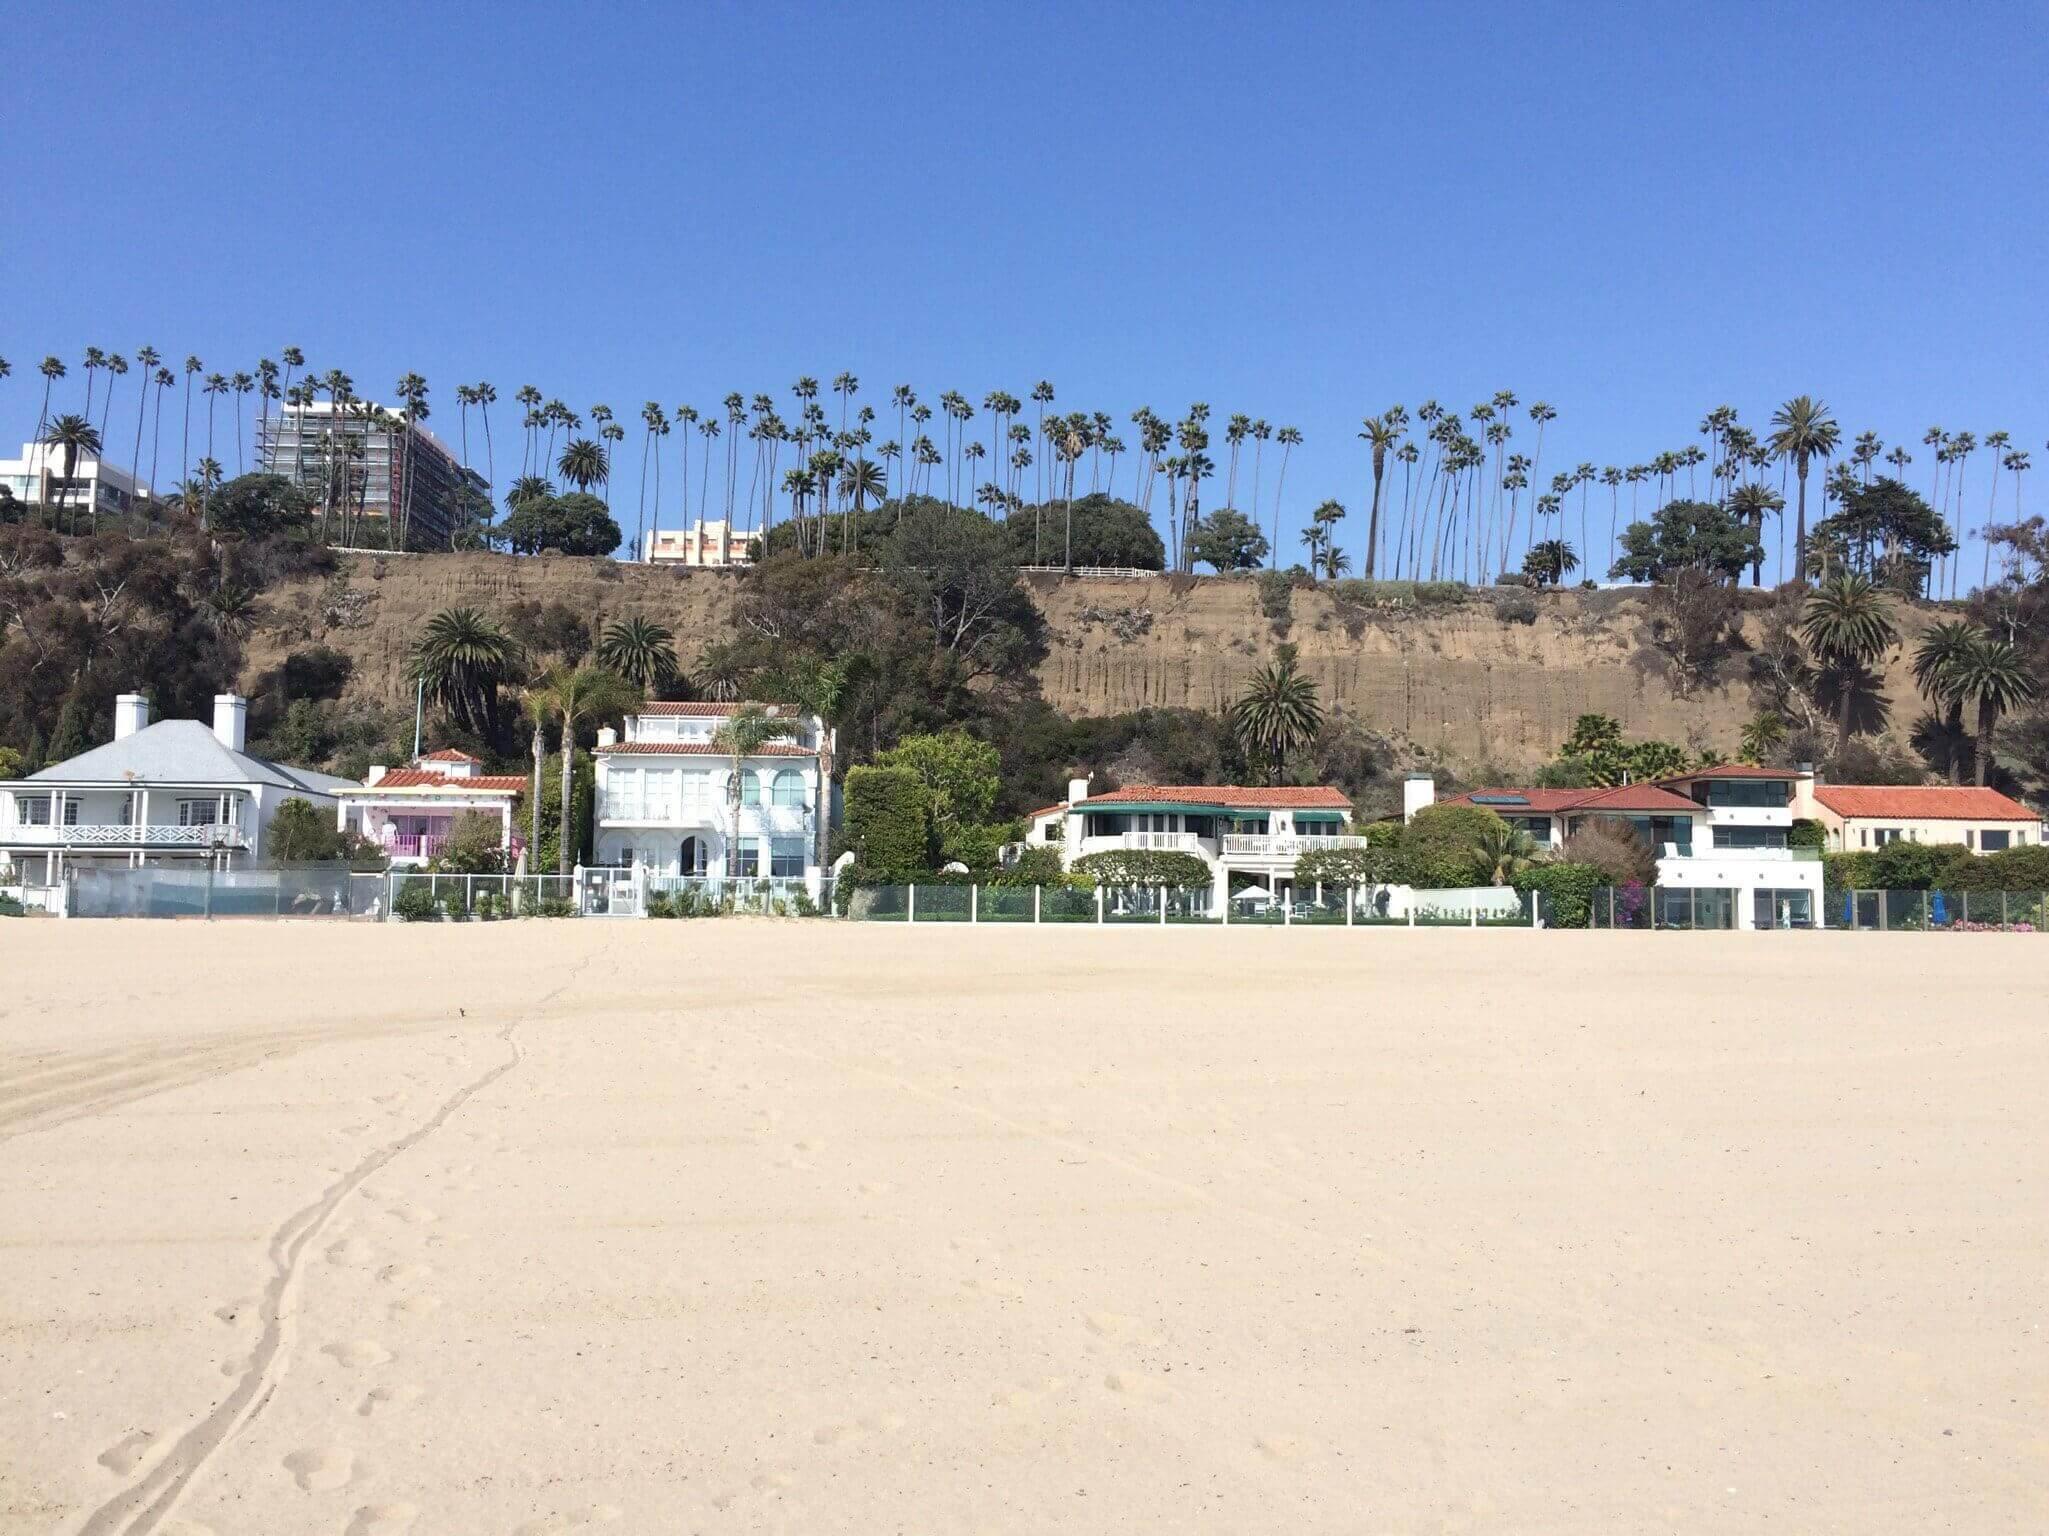 15-daagse camperreis door West-Amerika vanuit Los Angeles - Samen vanuit Los Angeles